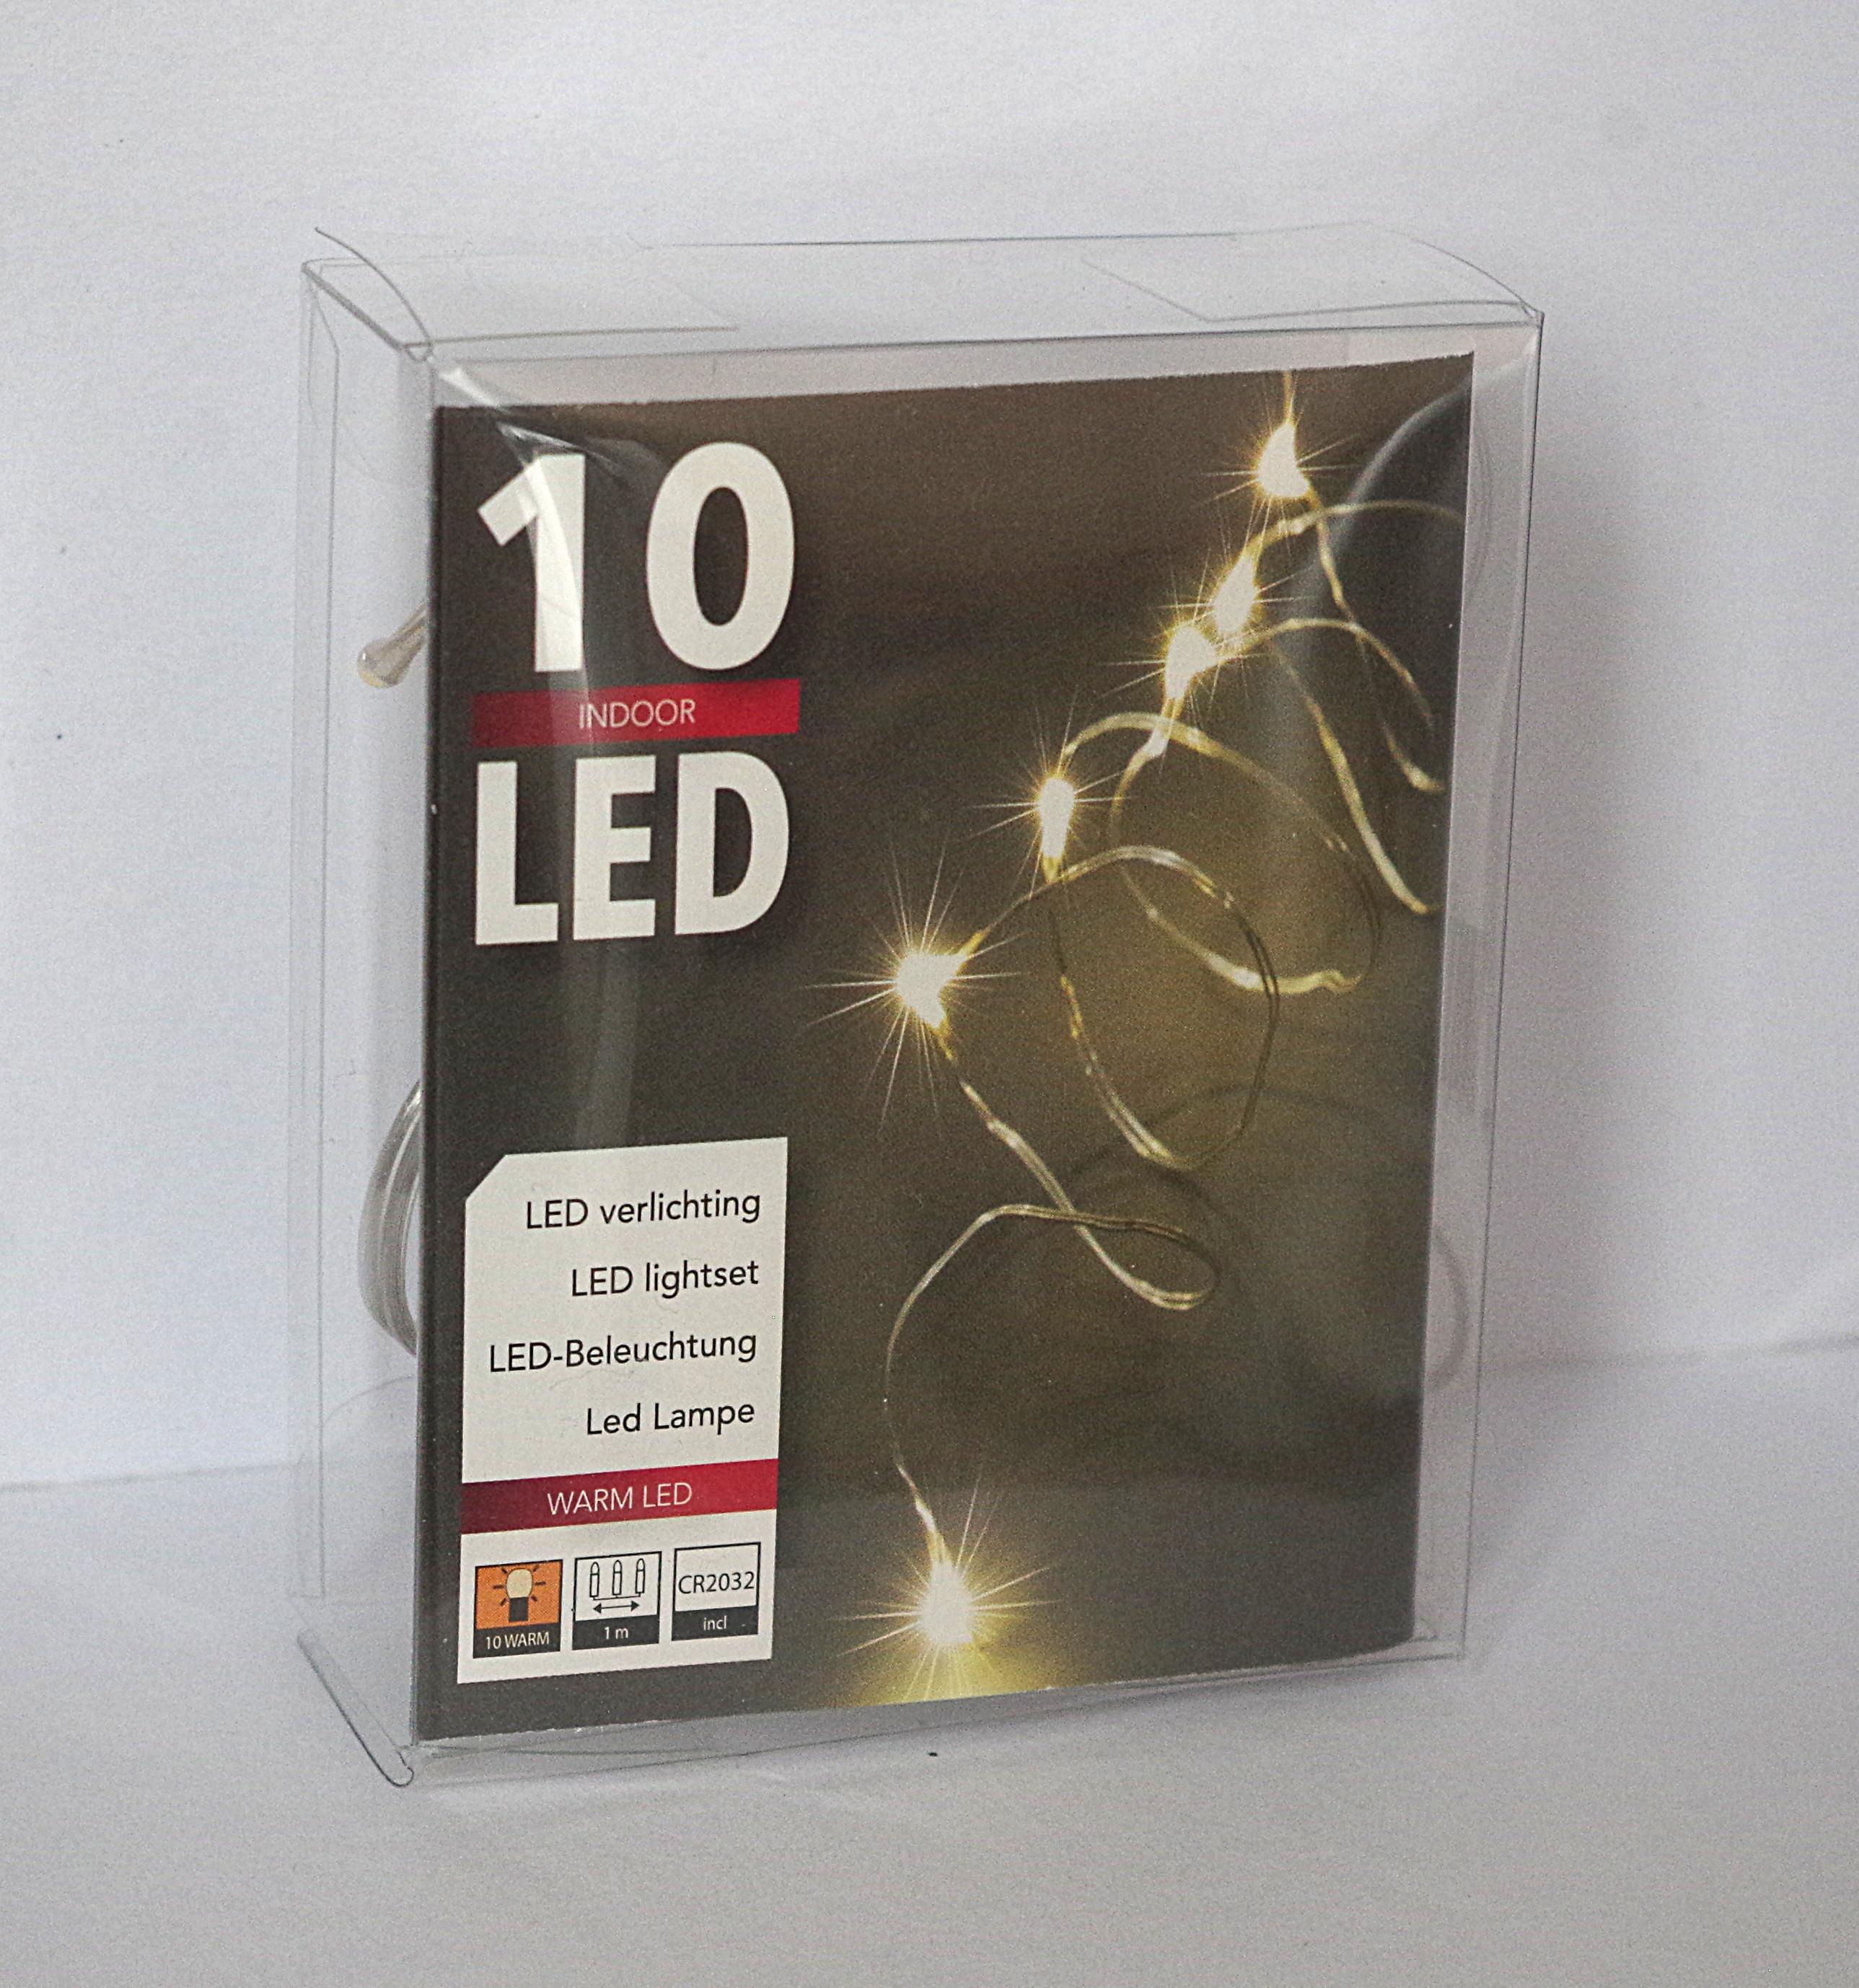 10er Led Draht Lichterkette 1m lang inklusive Knopfzelle Batterie ...